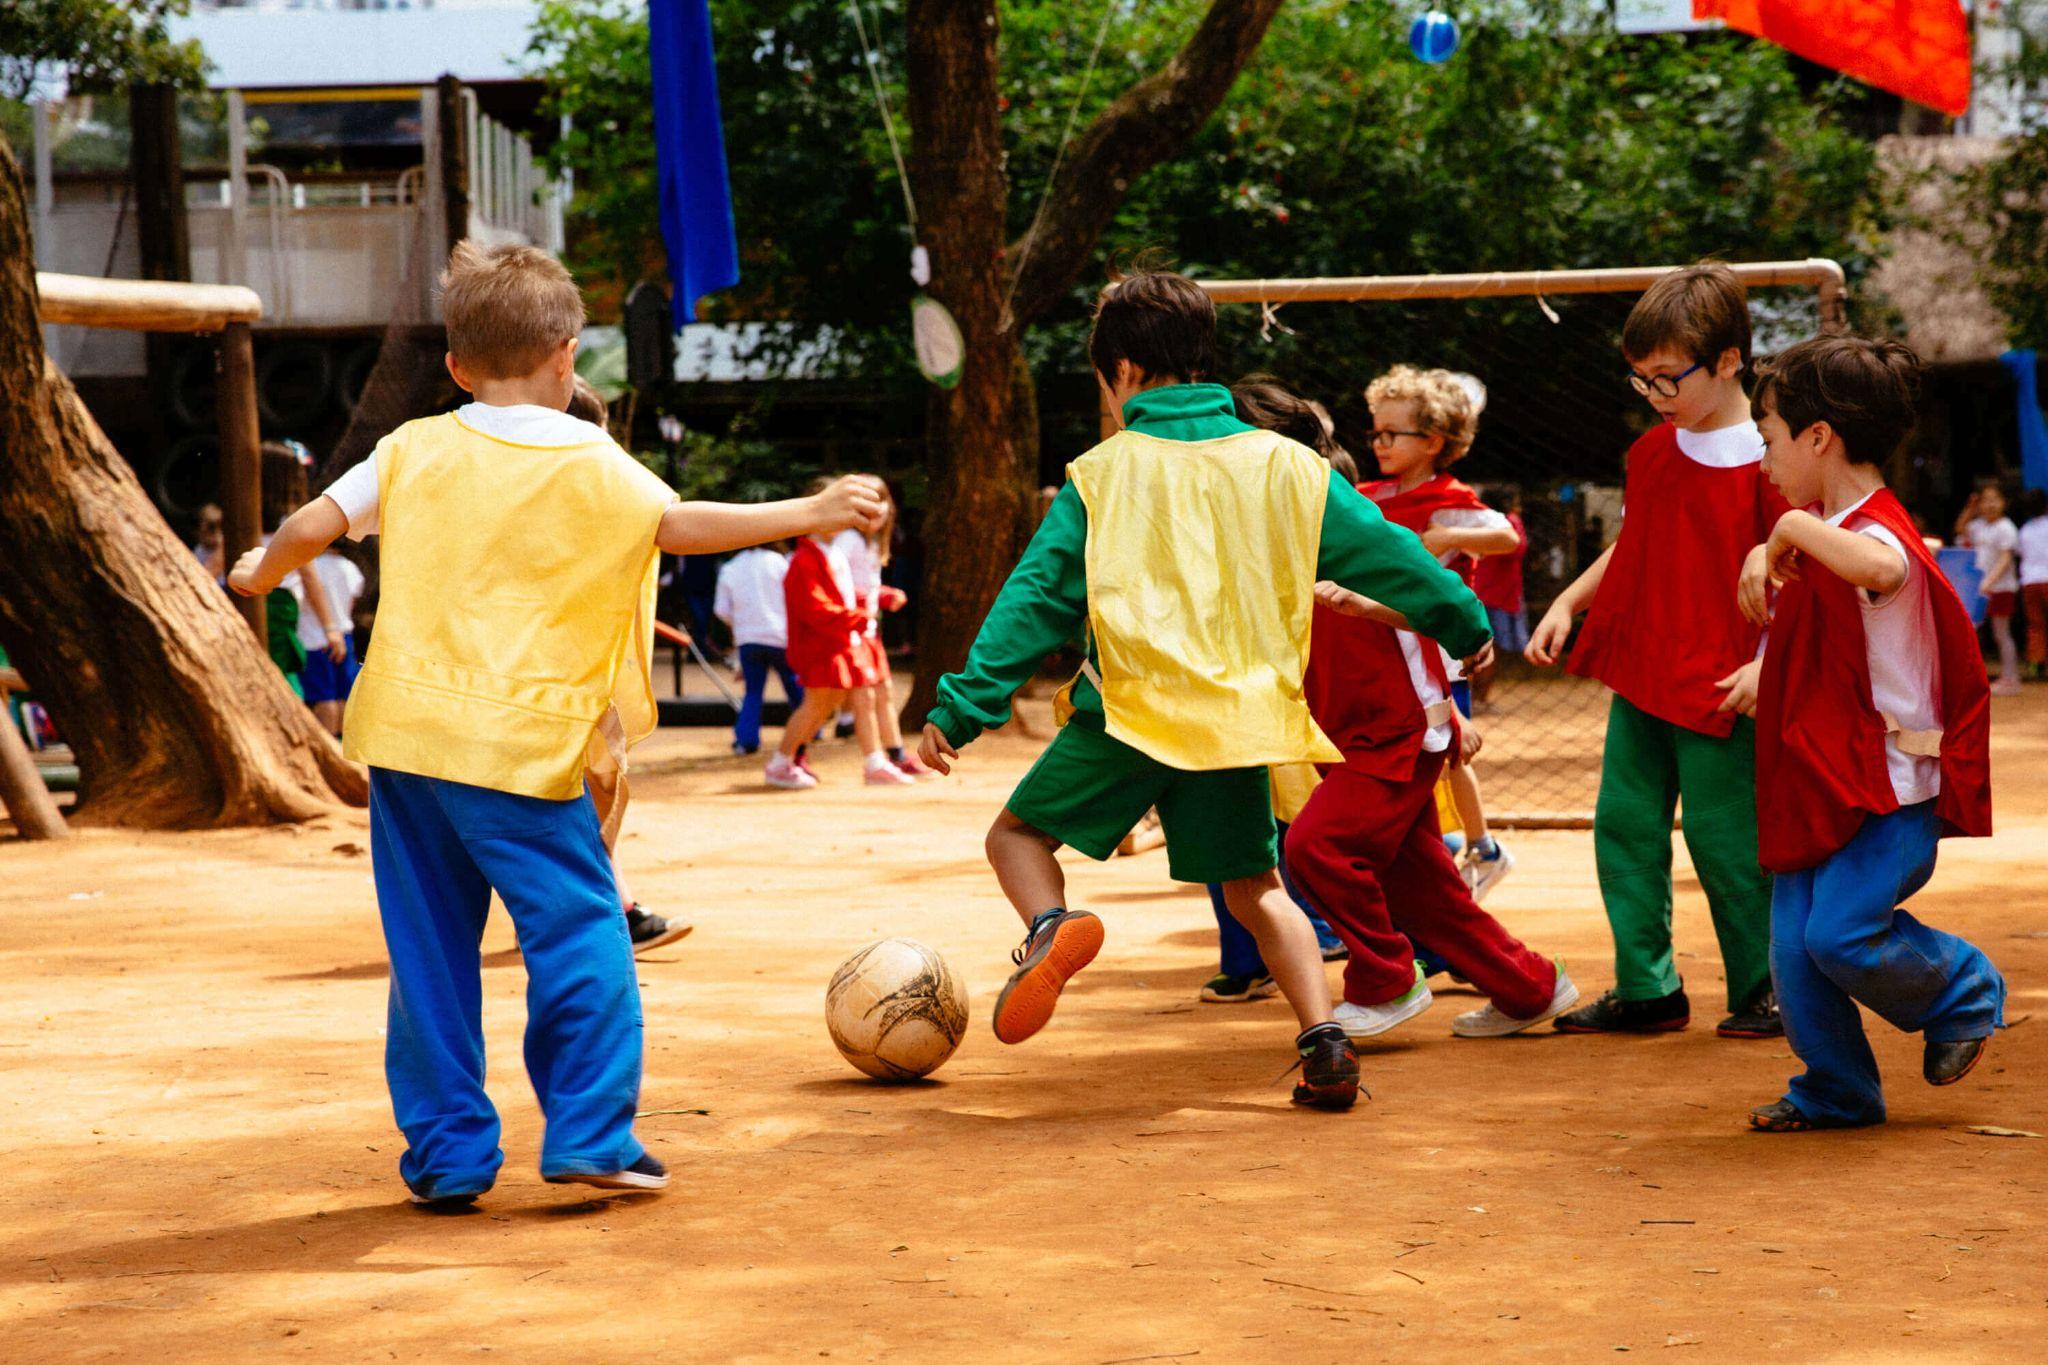 A imagem mostra um grupo de crianças jogando futebol em um quintal com chão de terra.